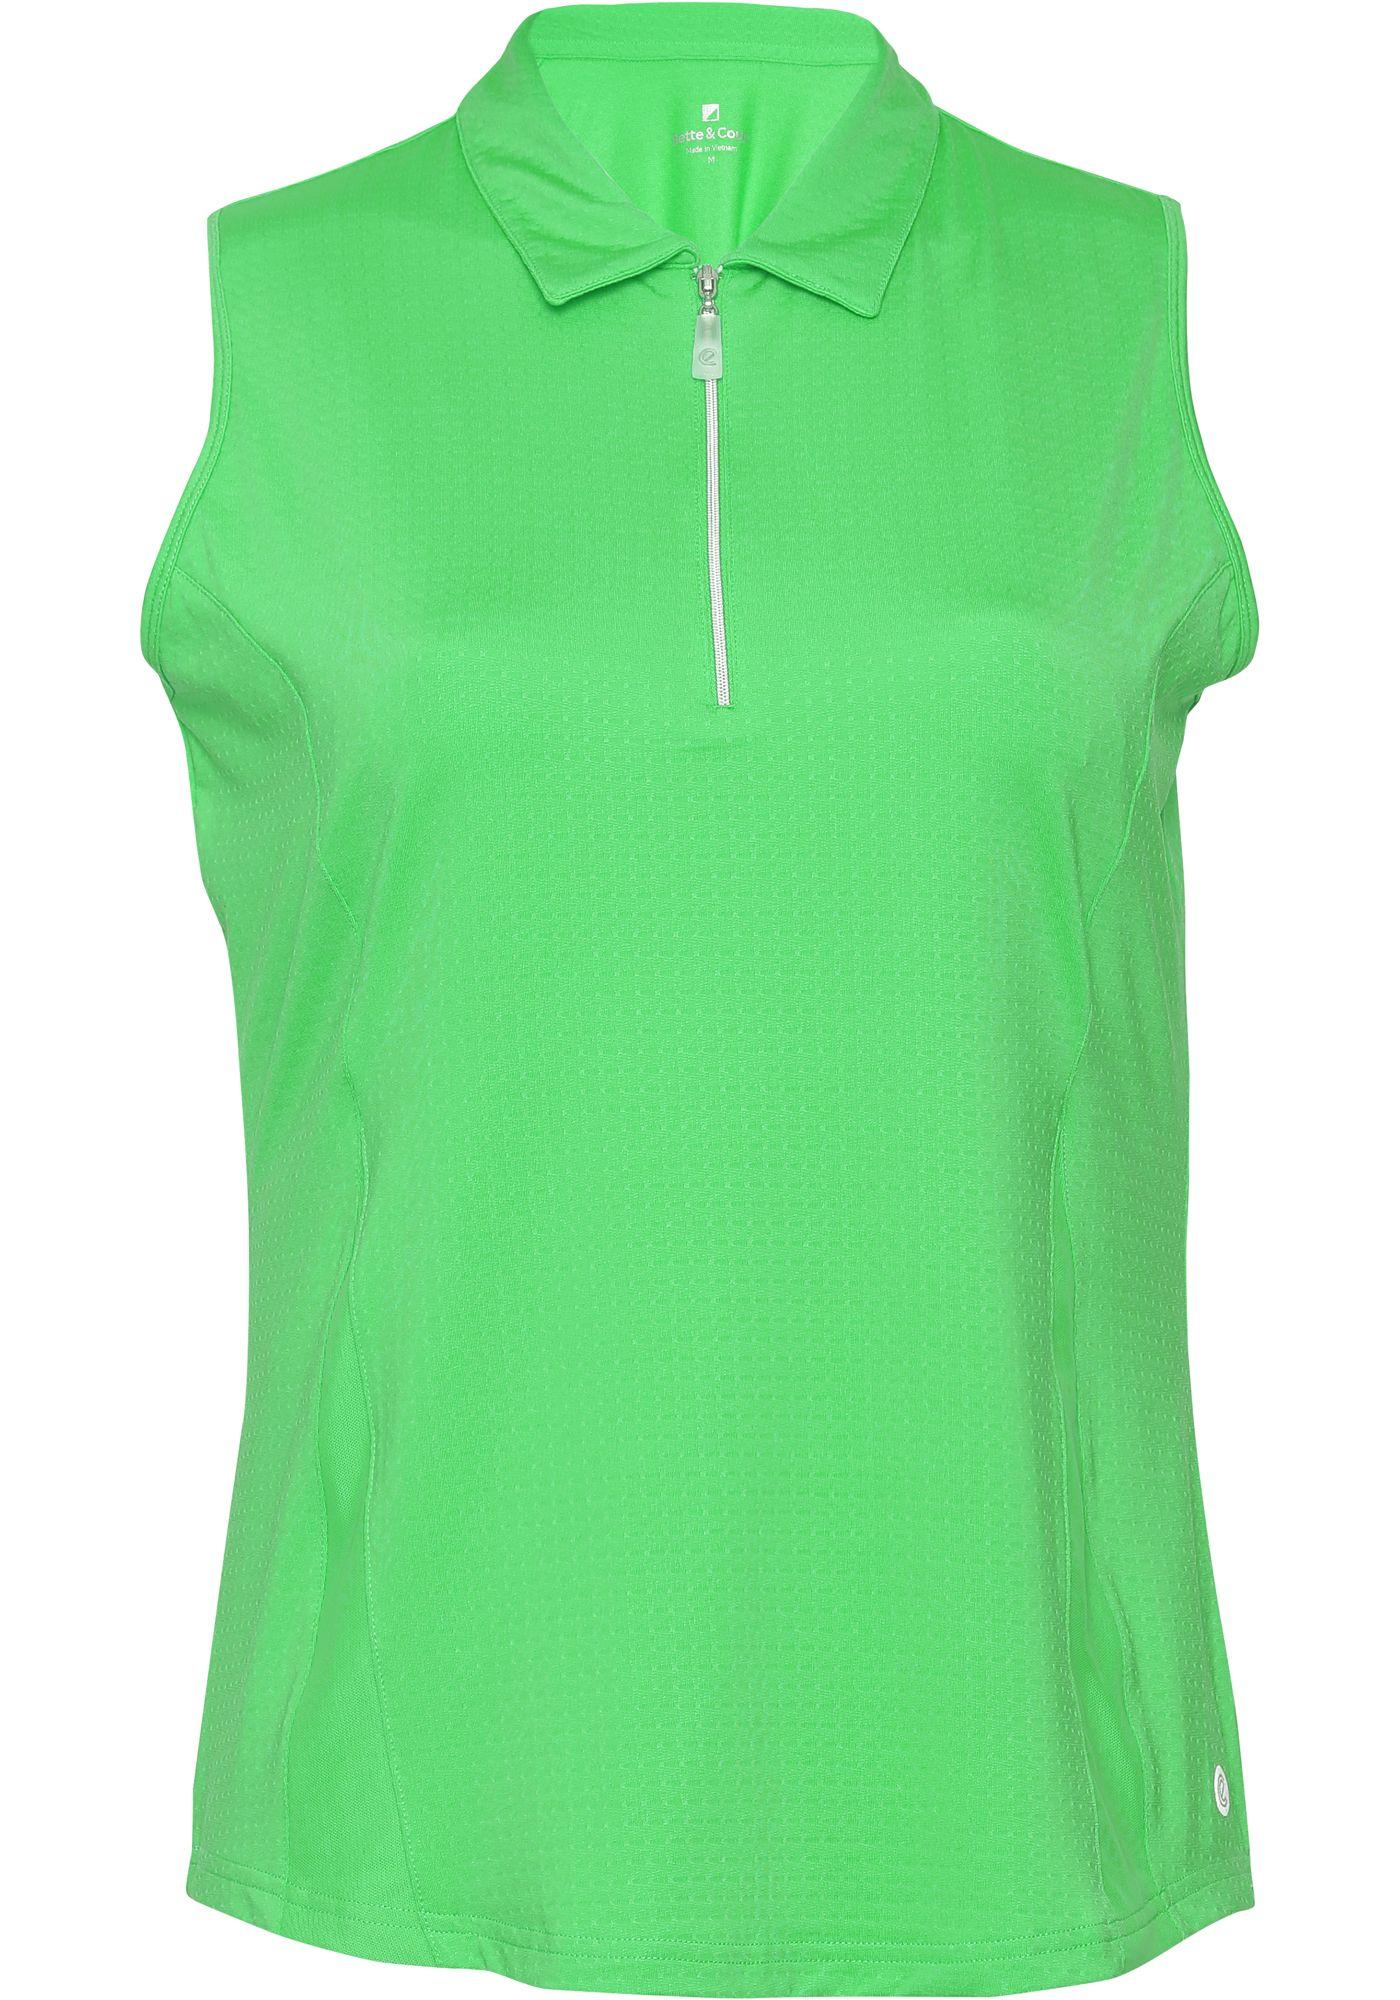 Bette & Court Women's Wander Sleeveless Golf Polo